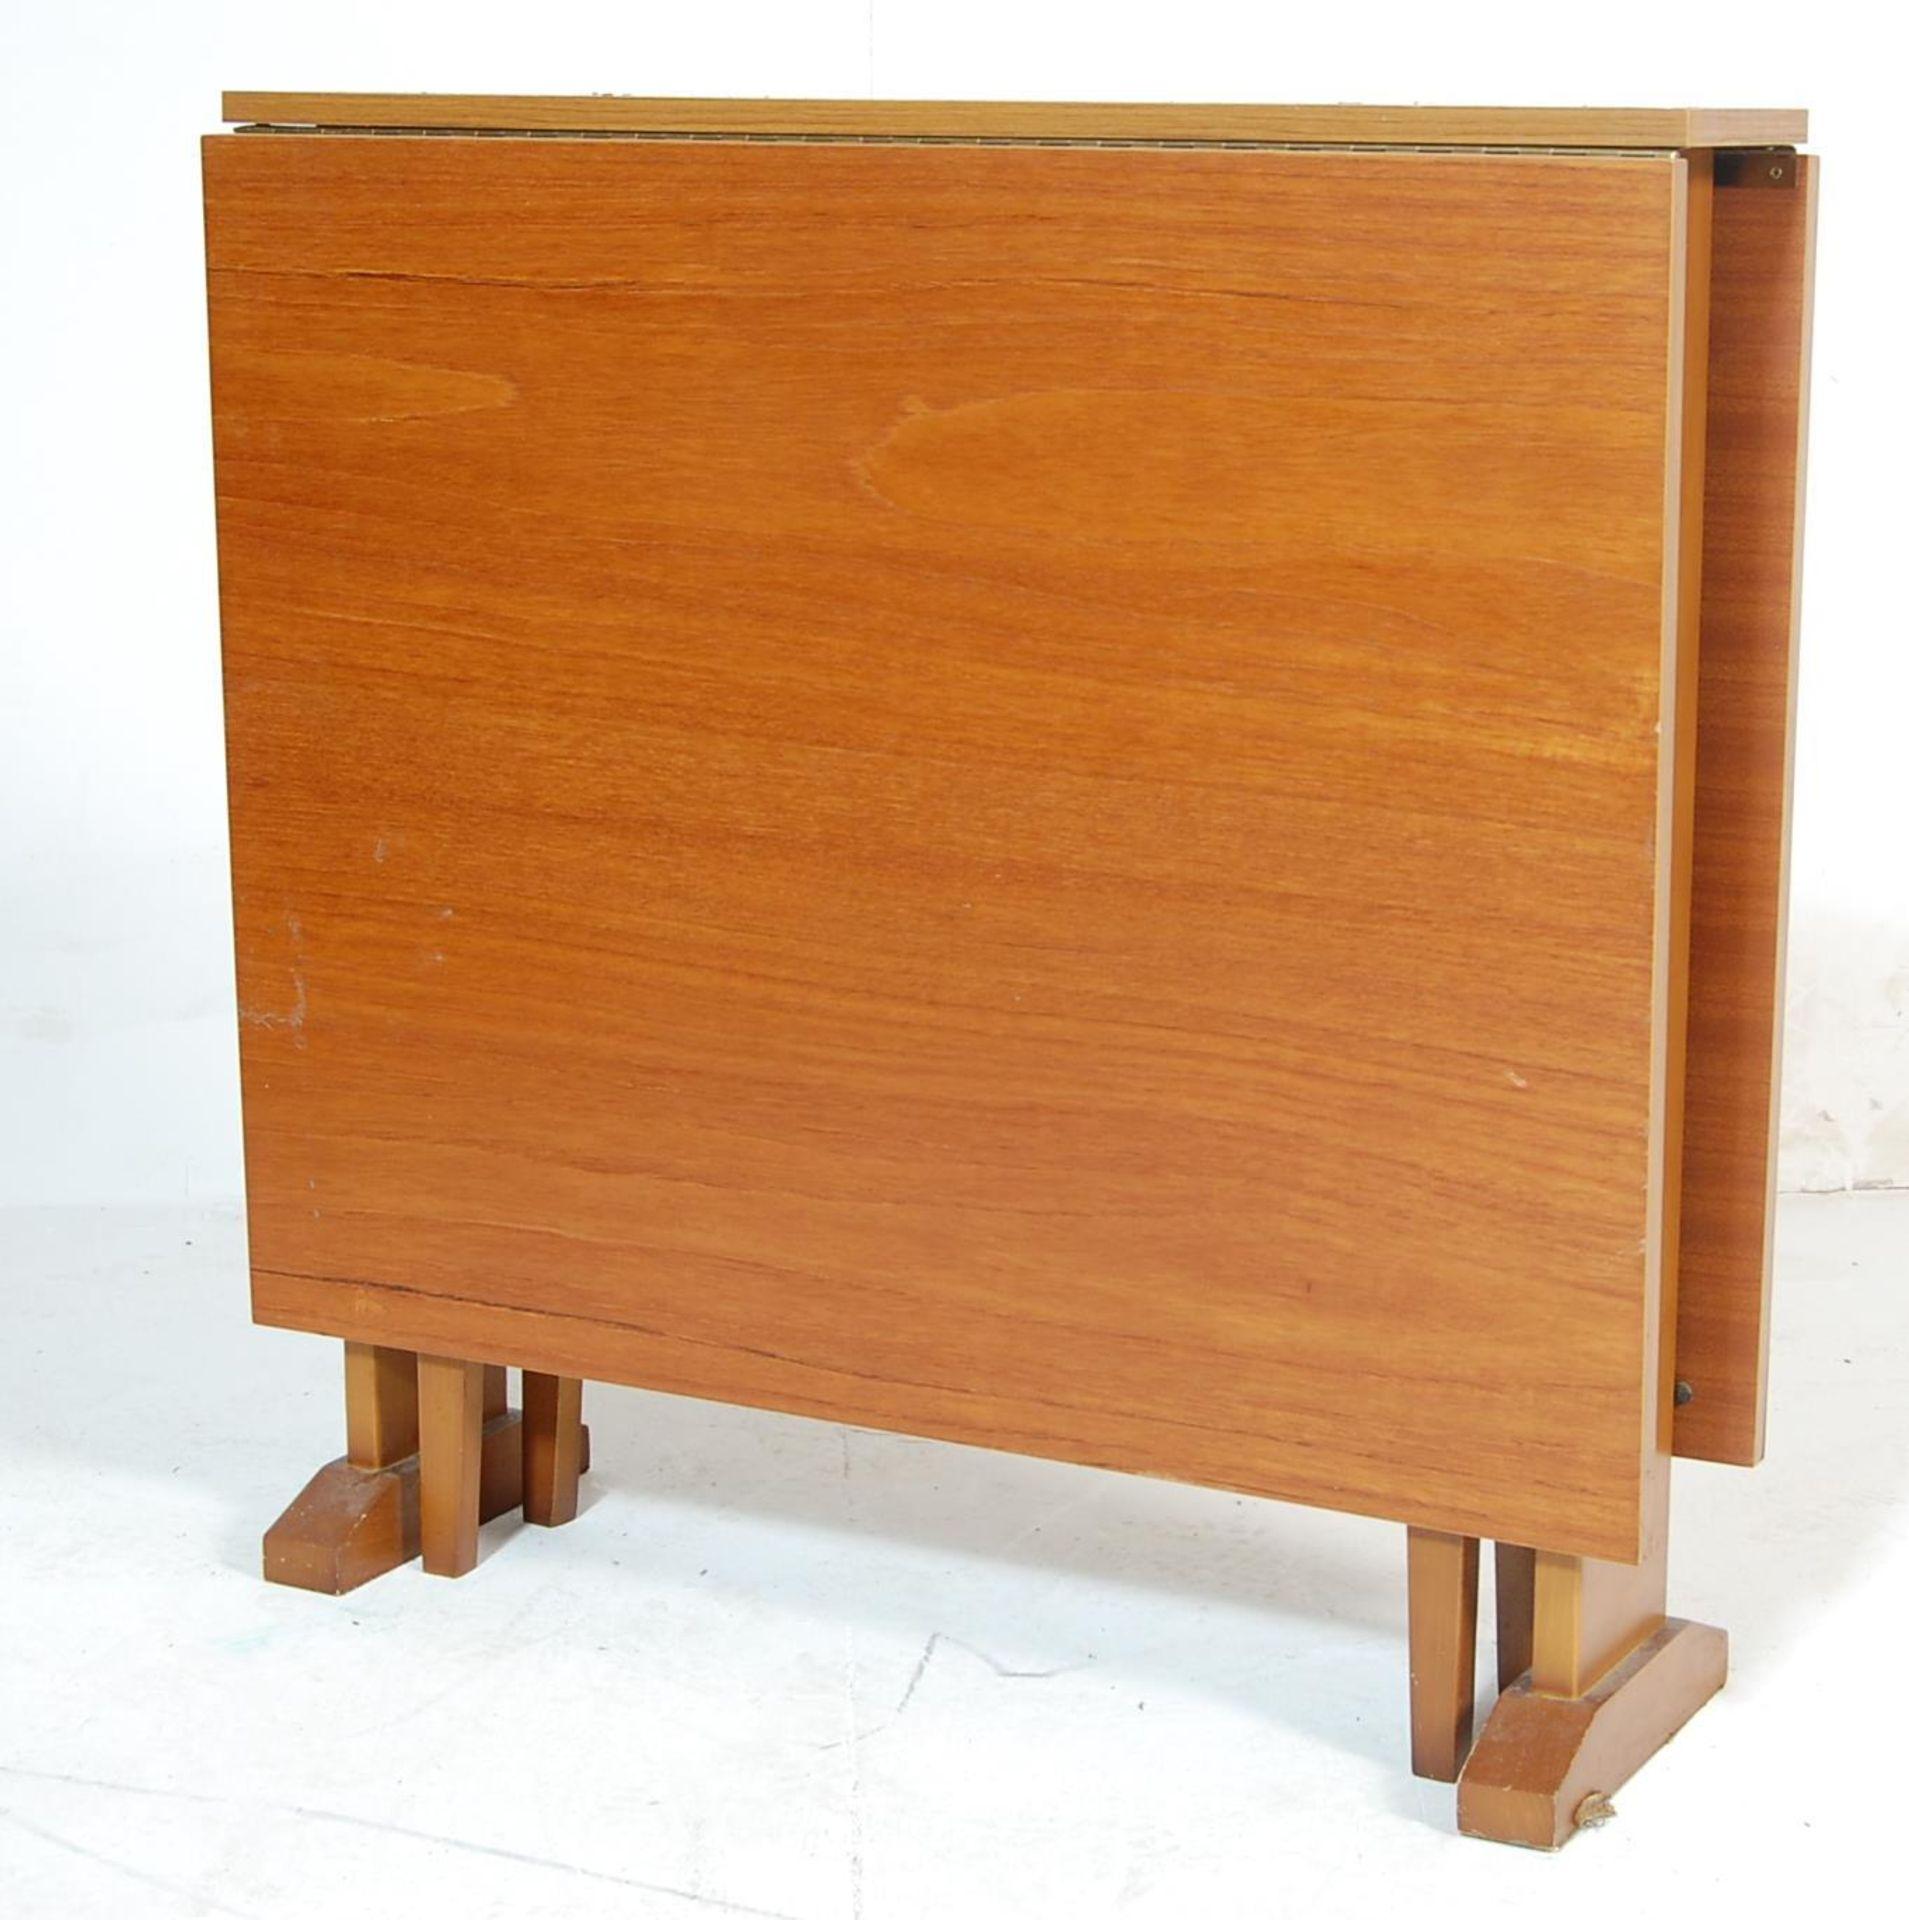 RETRO VINTAGE 1960S TEAK WOOD DINING TABLE